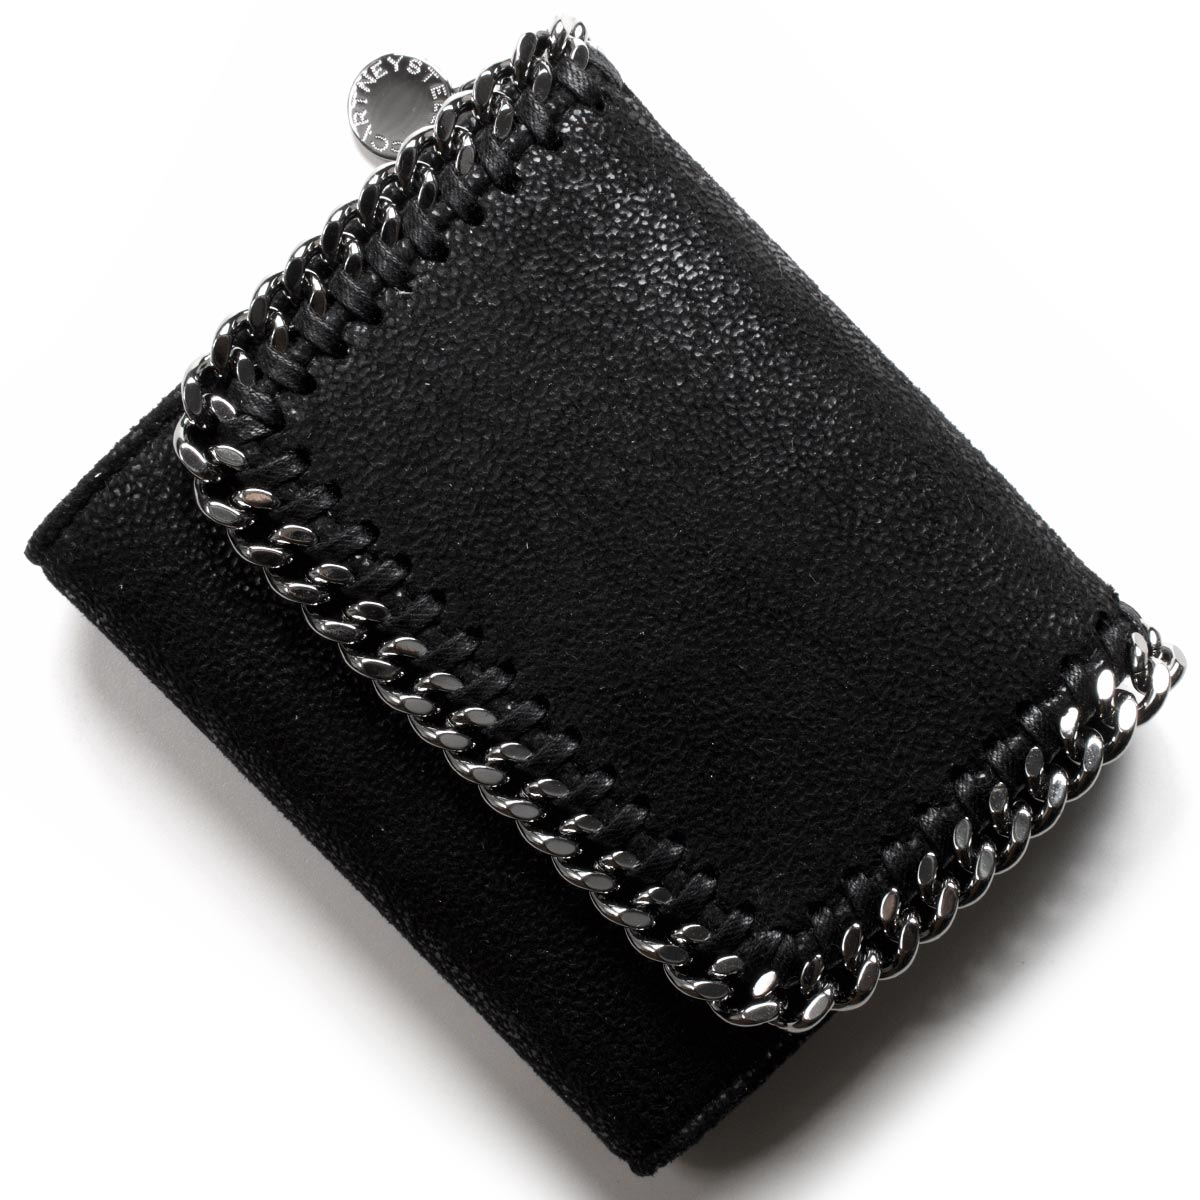 ステラマッカートニー 三つ折り財布 財布 レディース ファラベラ スモール フラップ ブラック 431000 W9132 1000 STELLA McCARTHNEY